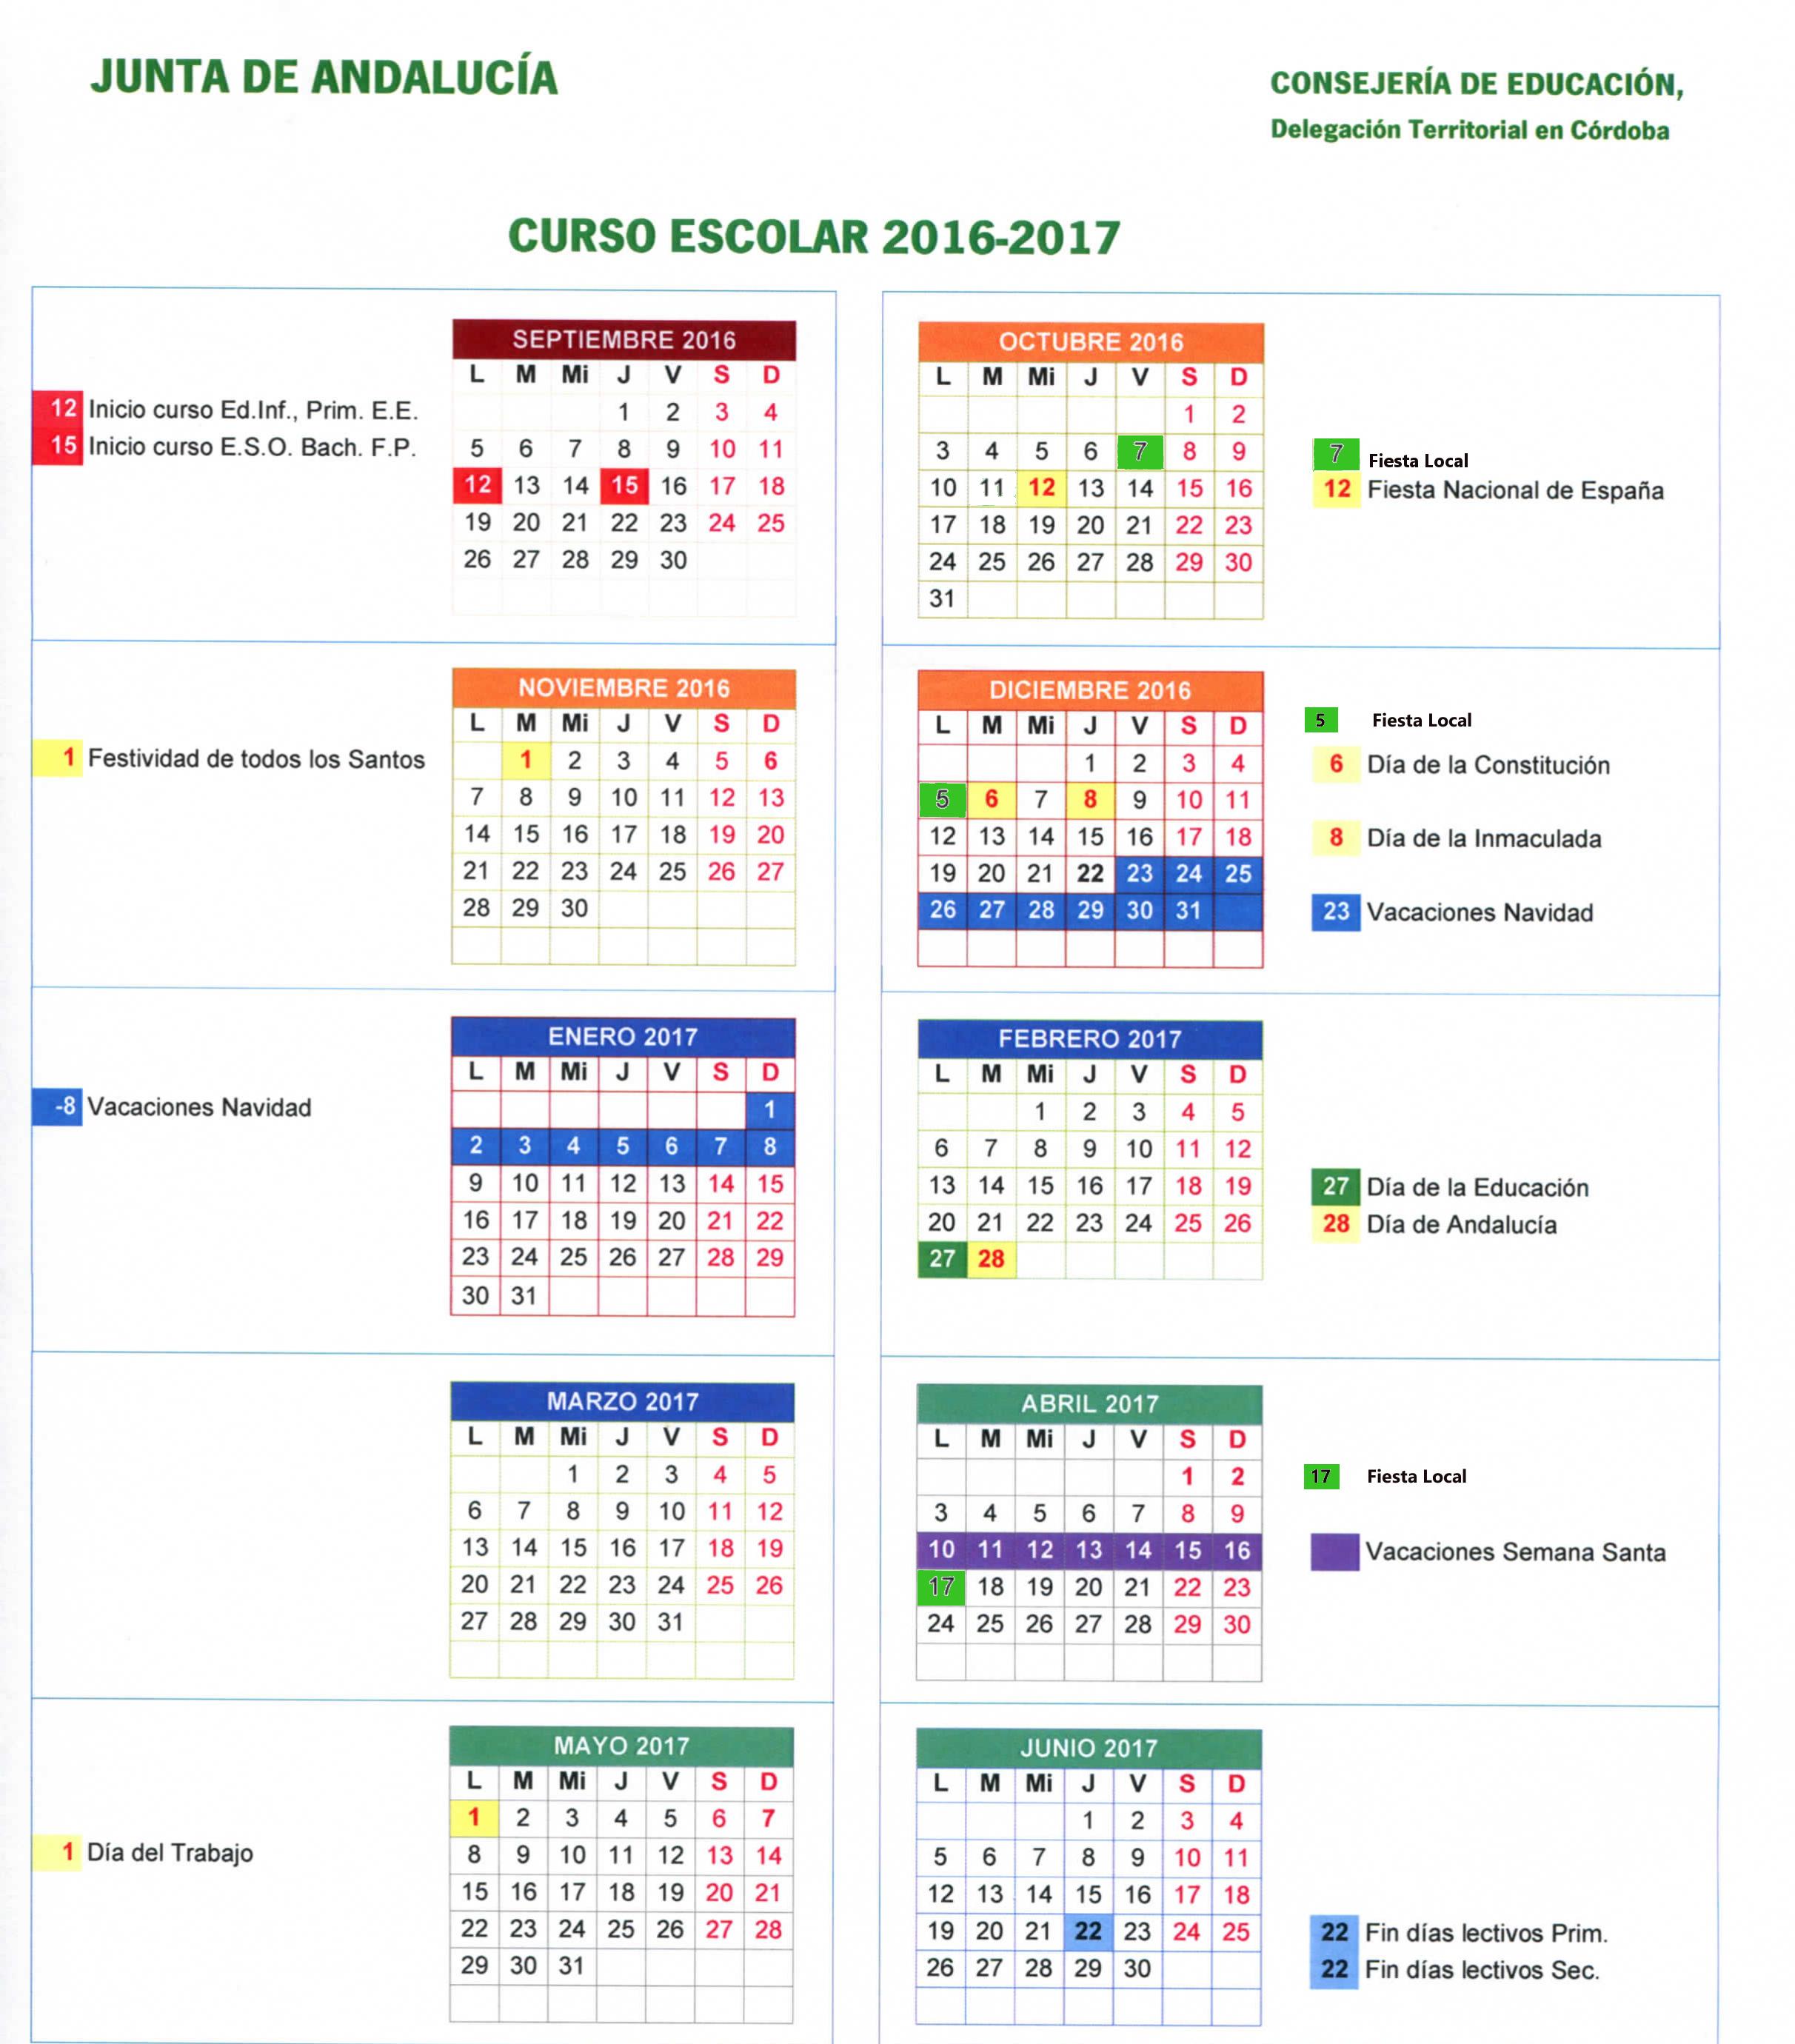 Imagen con el calendario escolar del curso 2016/2017